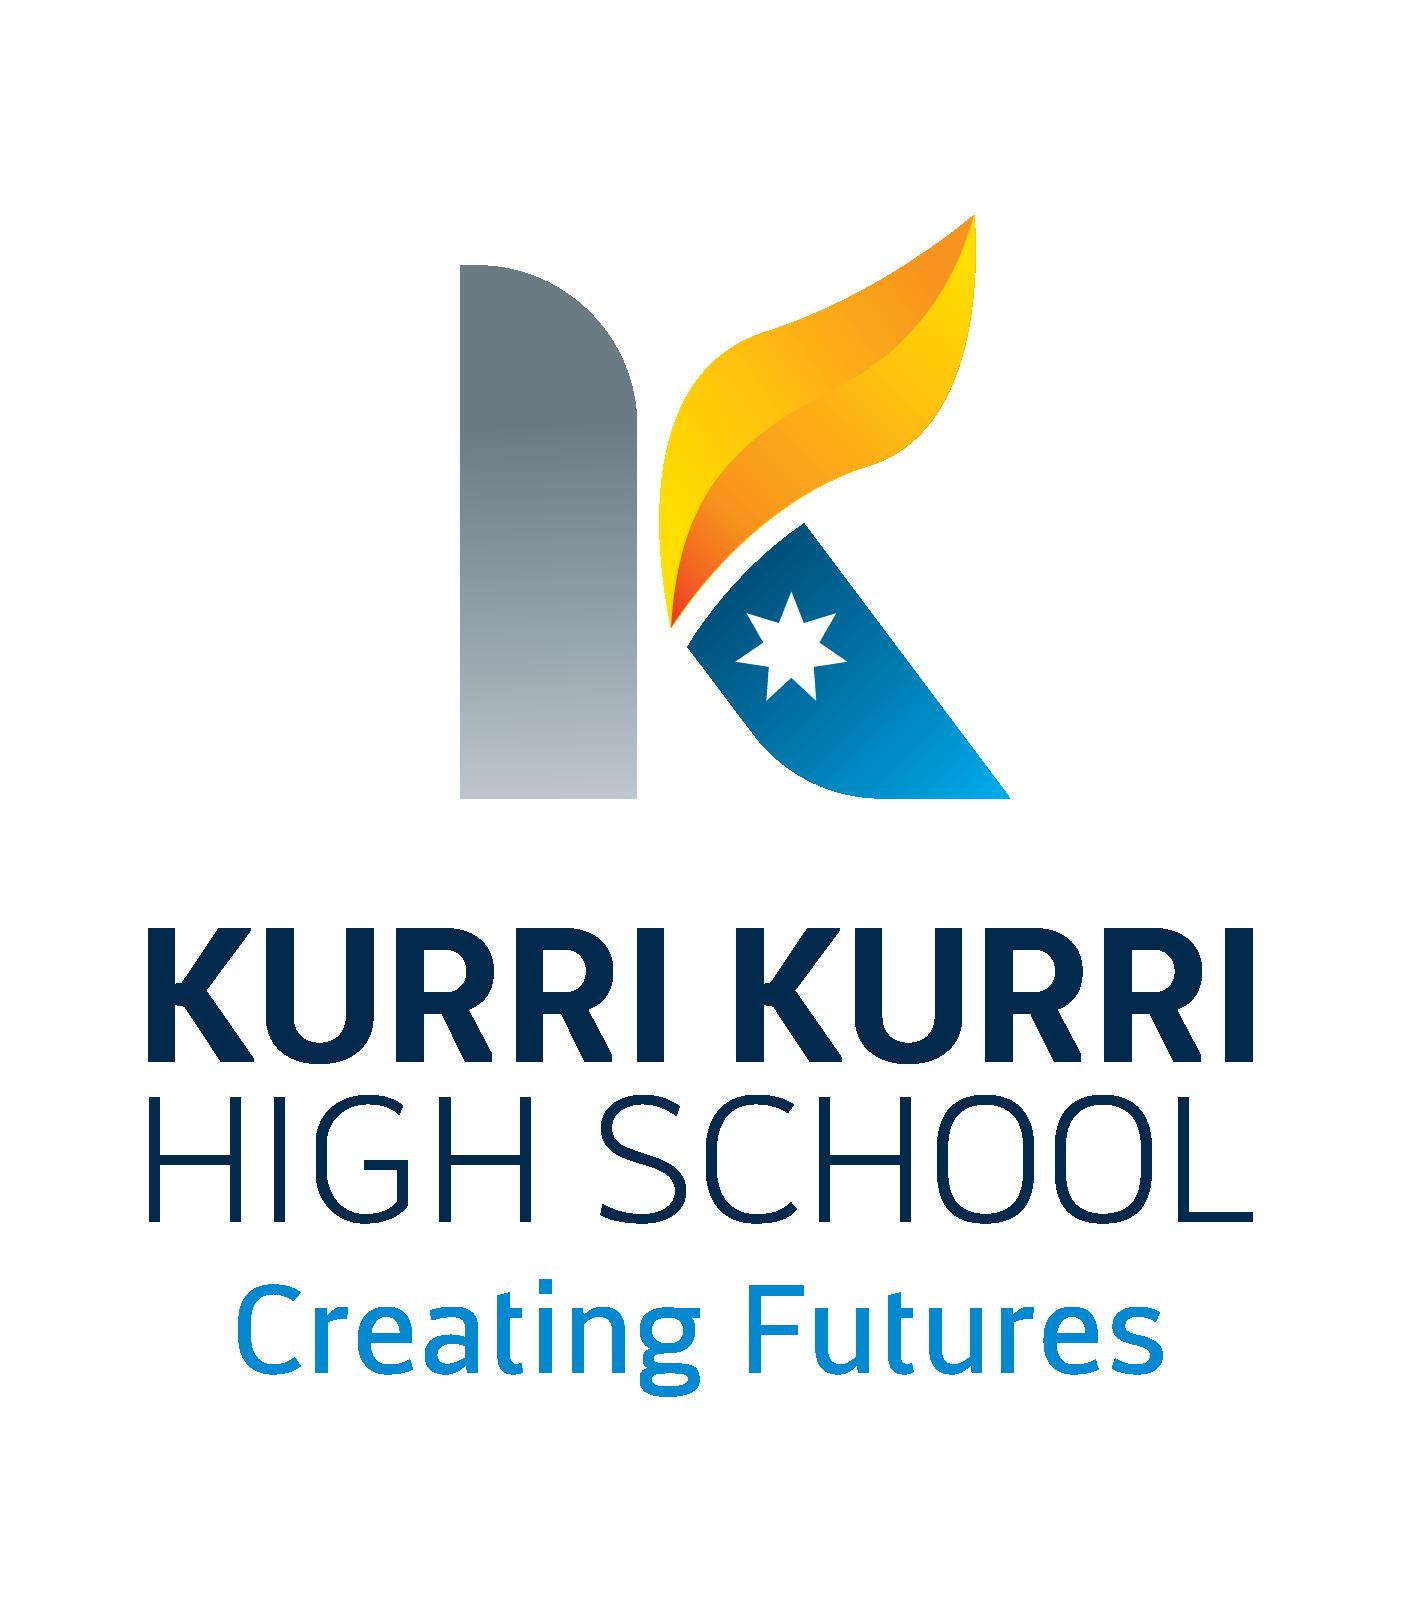 Kurri Kurri High School, Kurri Kurri, NSW